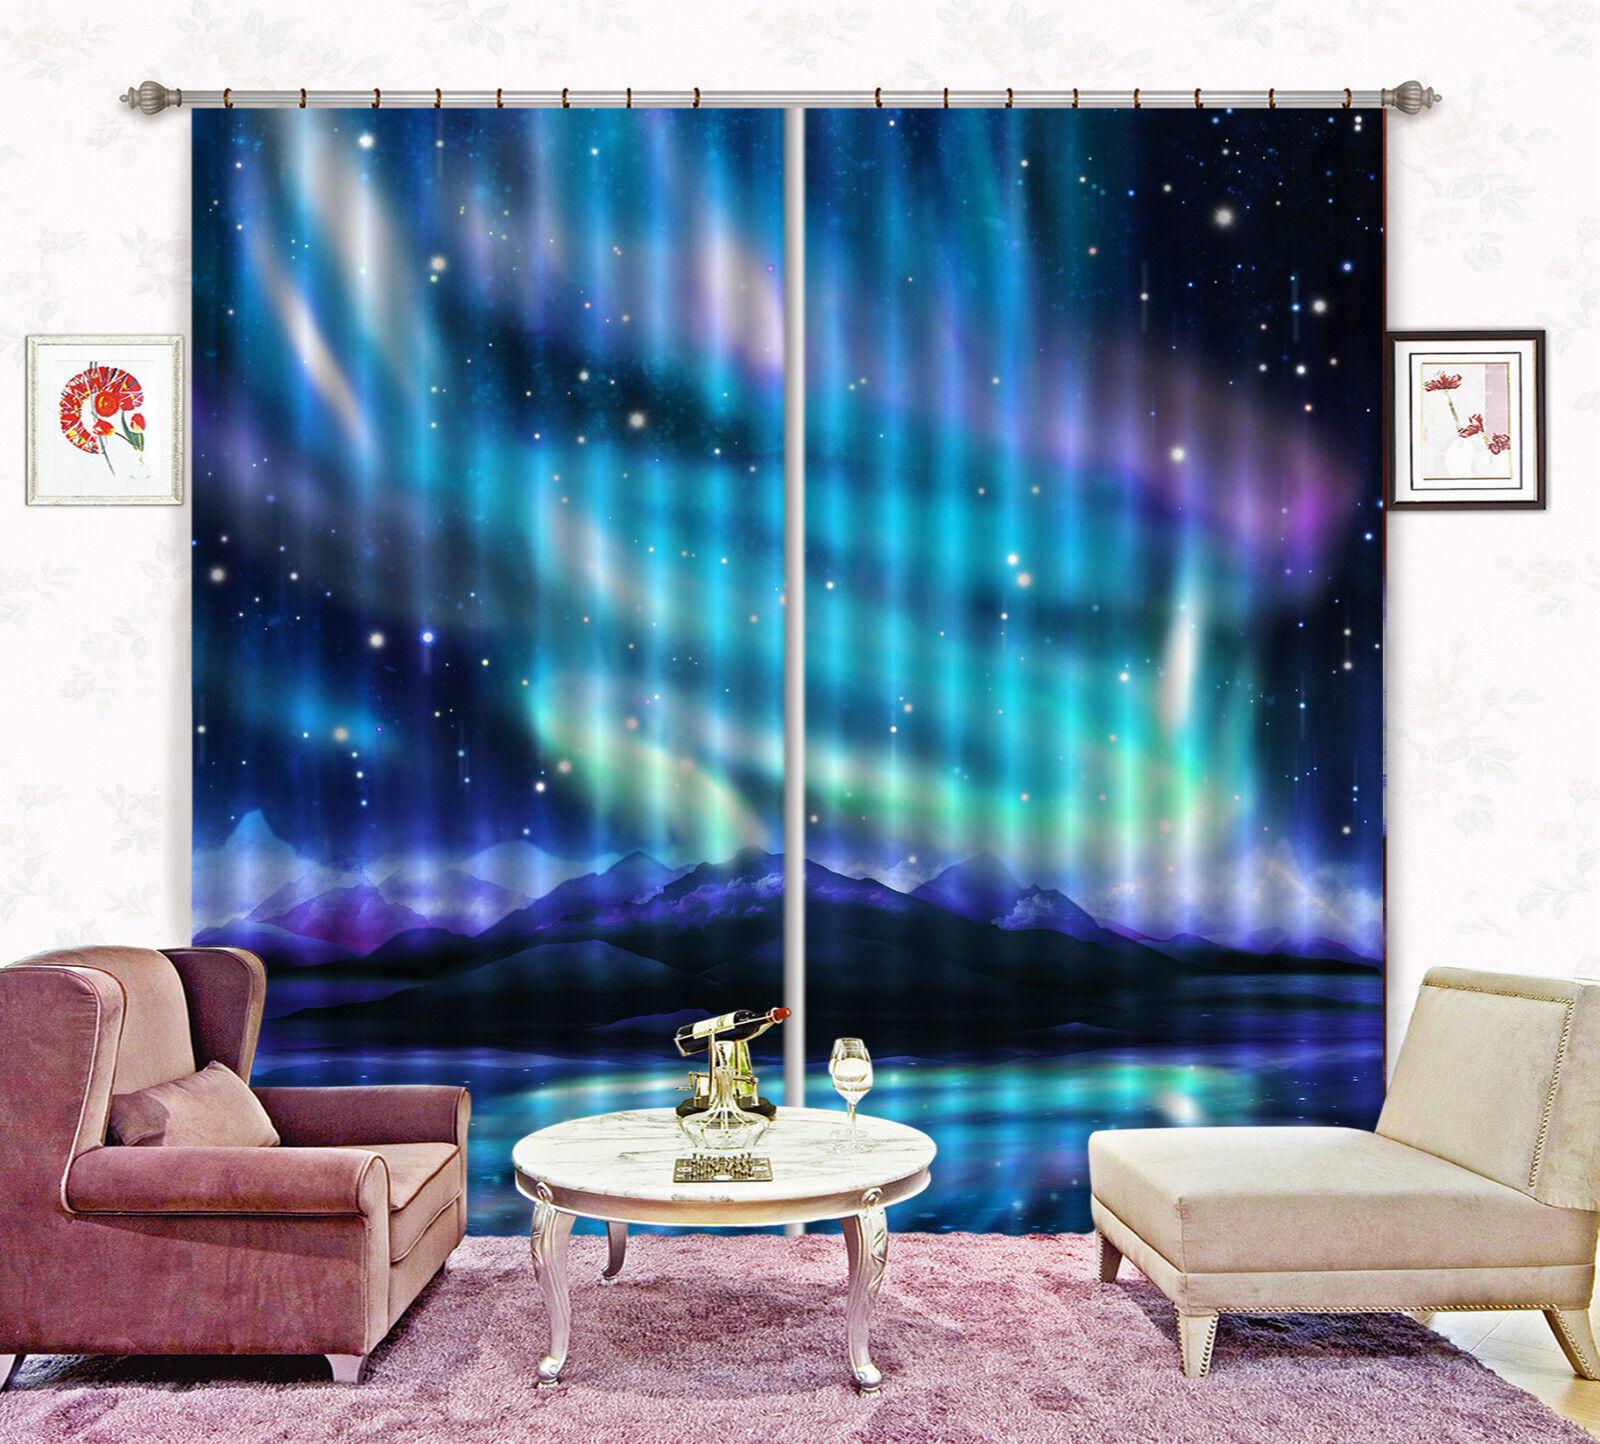 3d polar luz 556 bloqueo foto cortina cortina de impresión sustancia cortinas de ventana